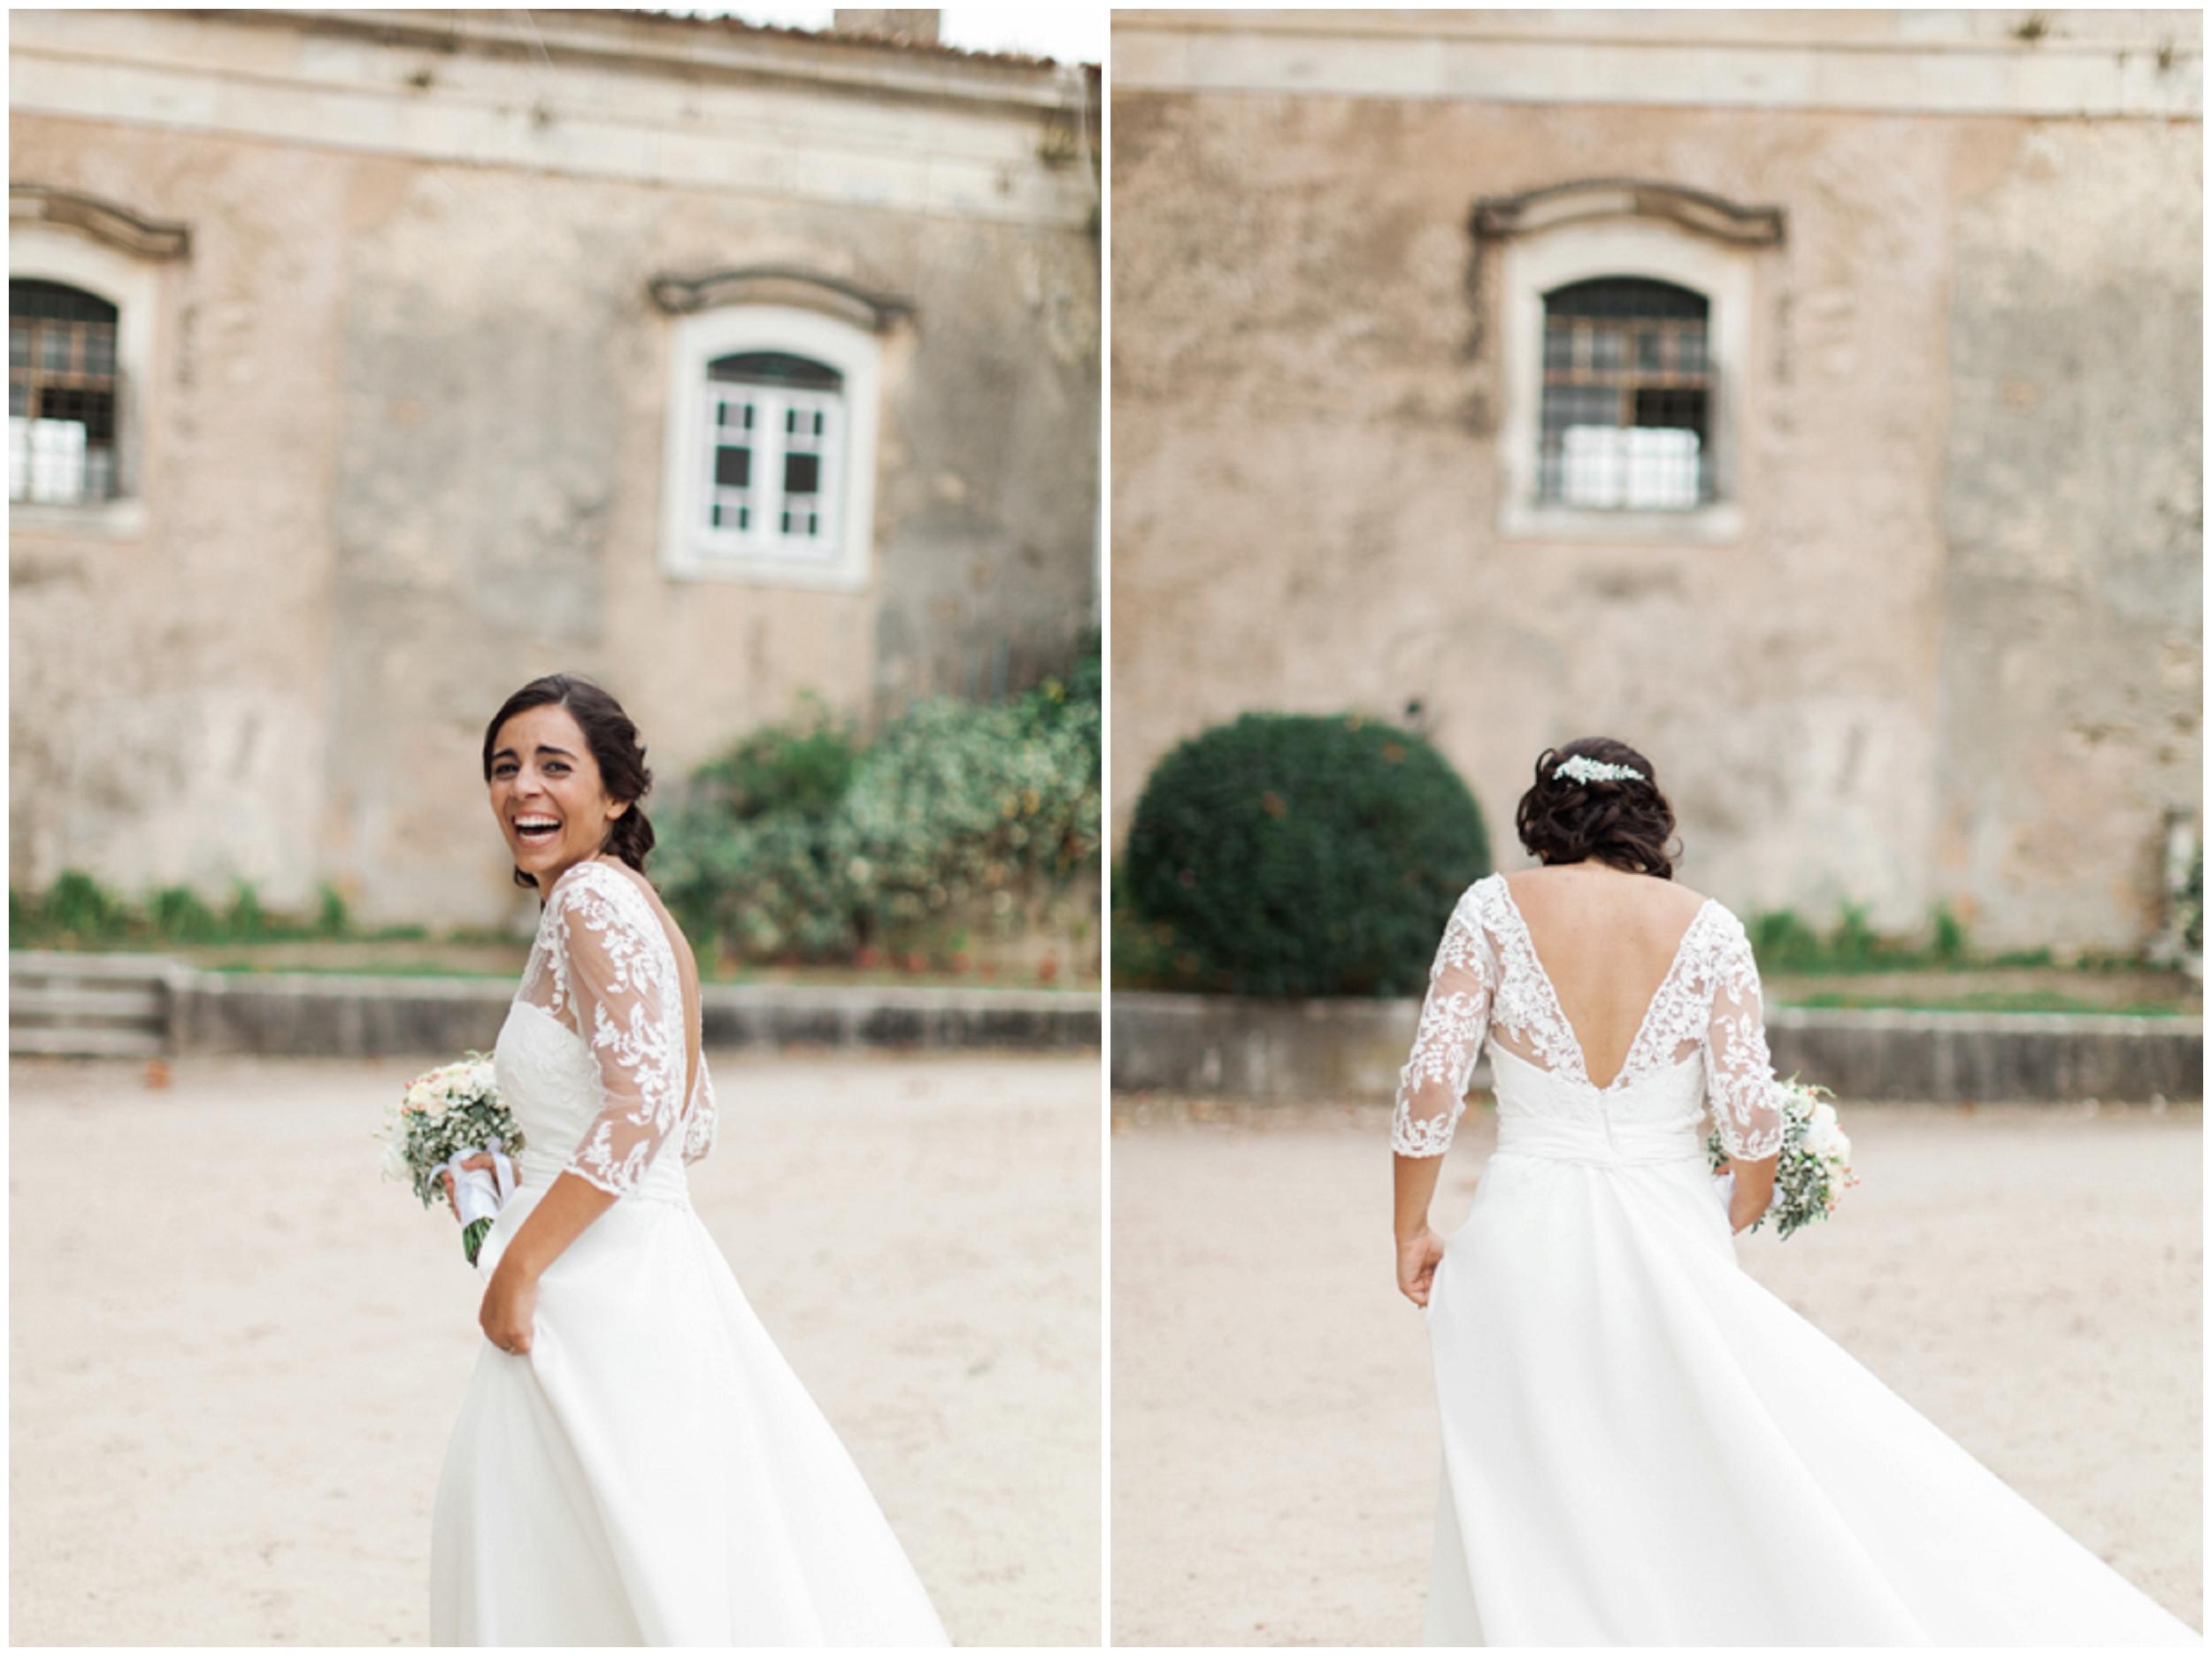 mariarao+wedding+photographer+cascais_0401.jpg